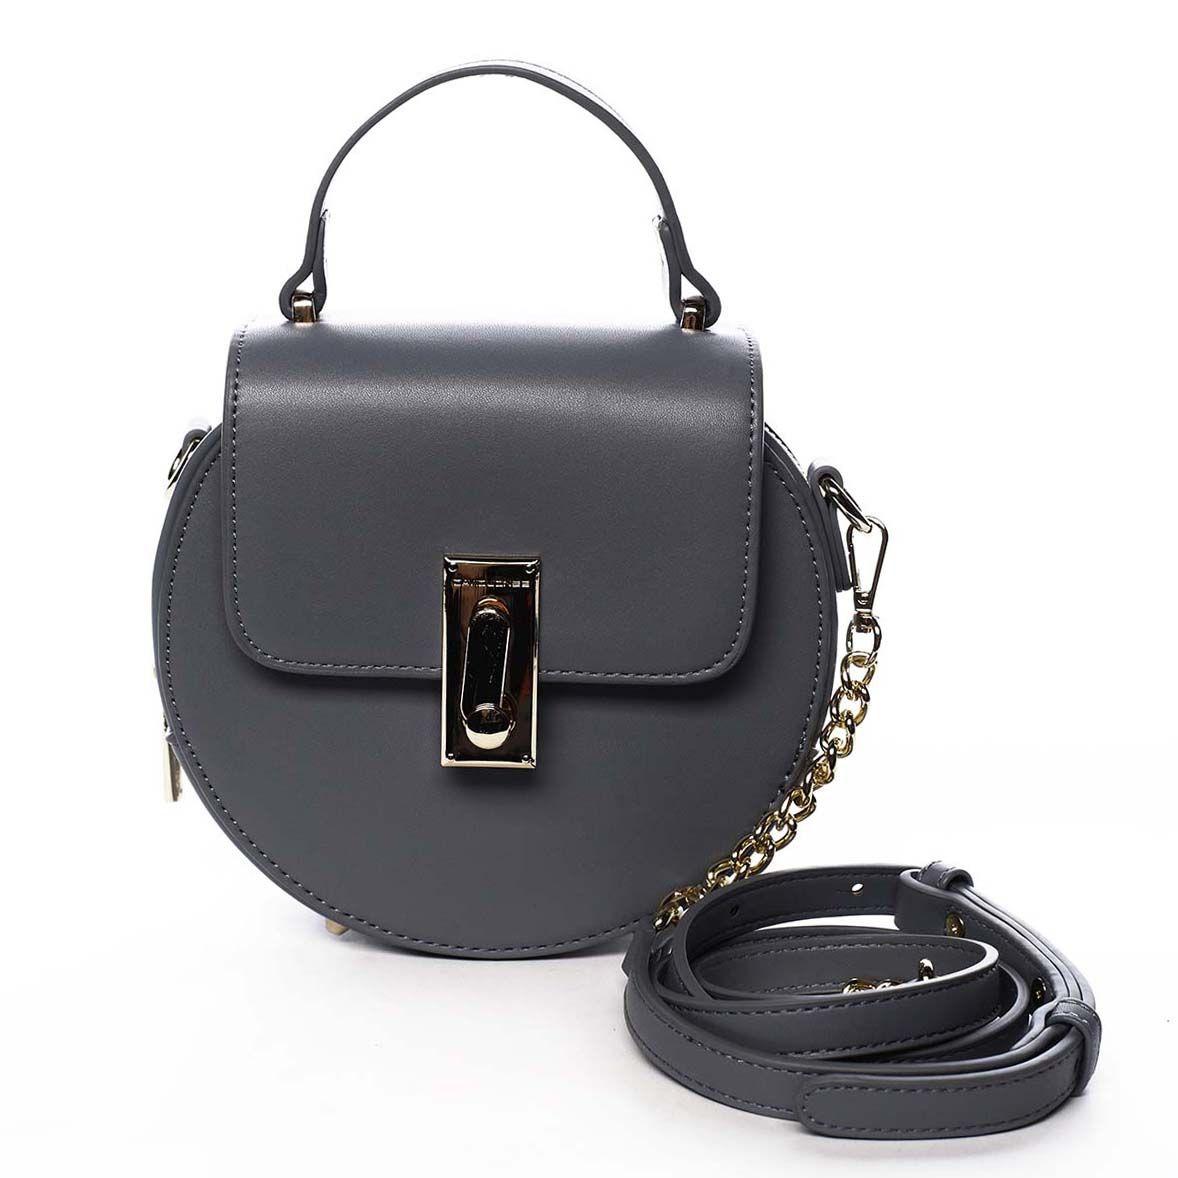 کیف رو دوشی زنانه دیوید جونز مدل 5655 -  - 8